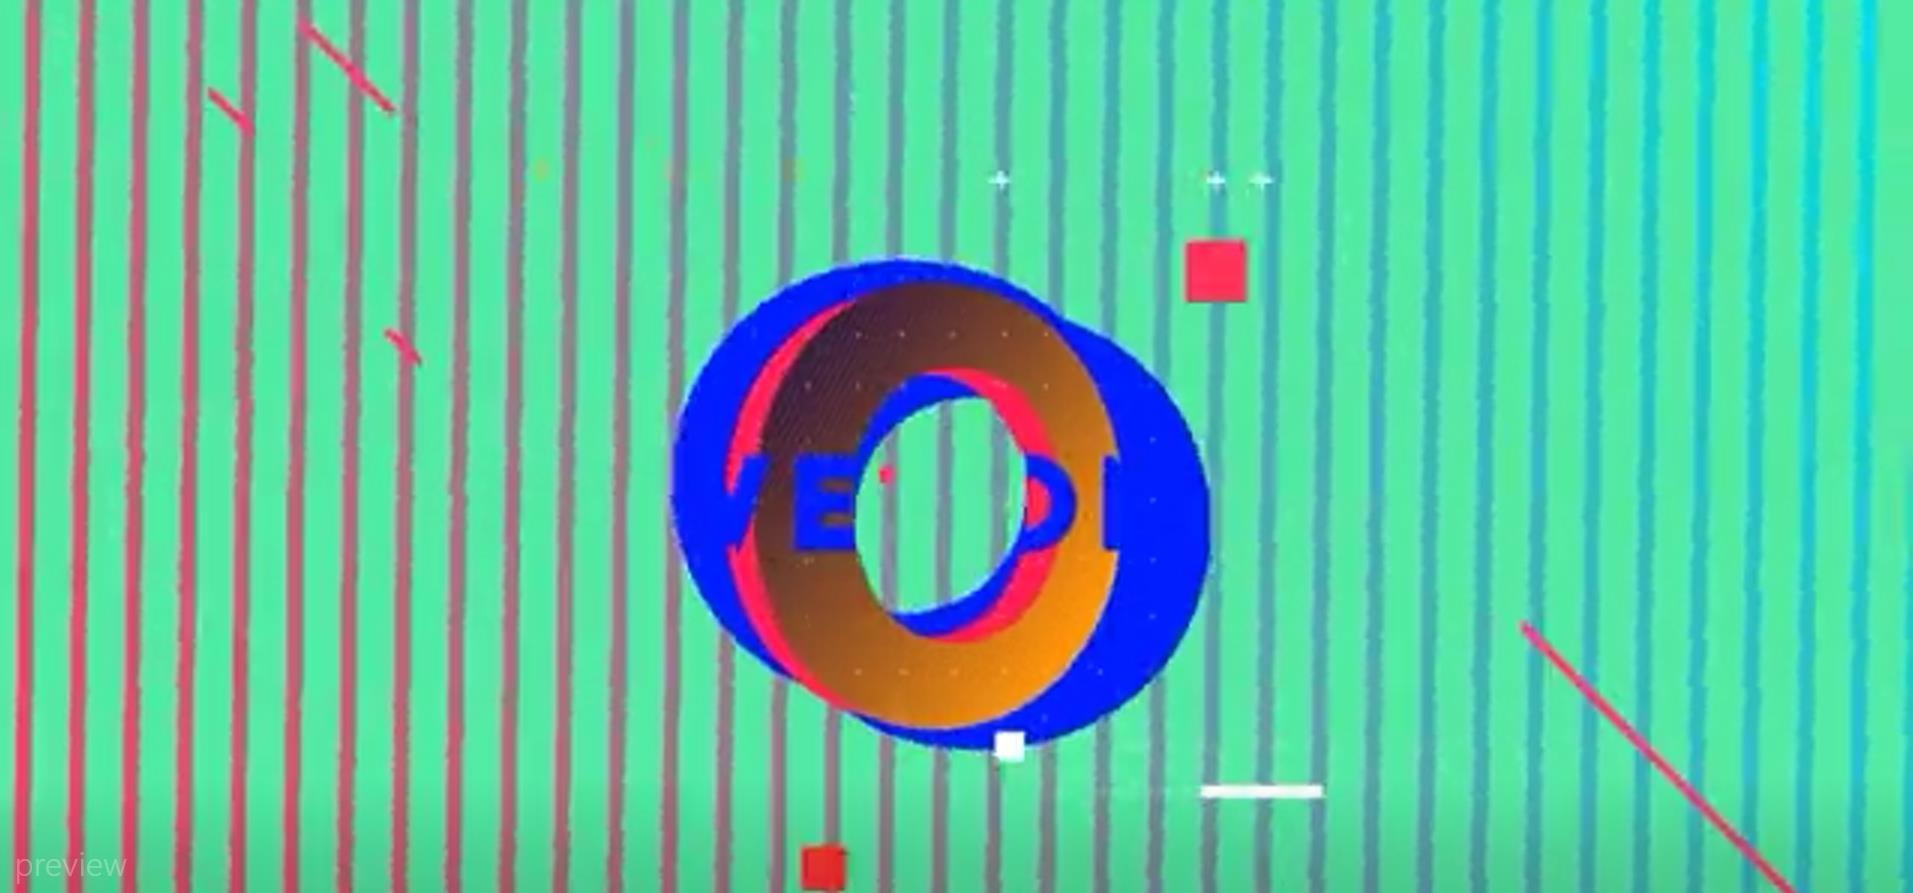 AE模板:形状动画排版展示